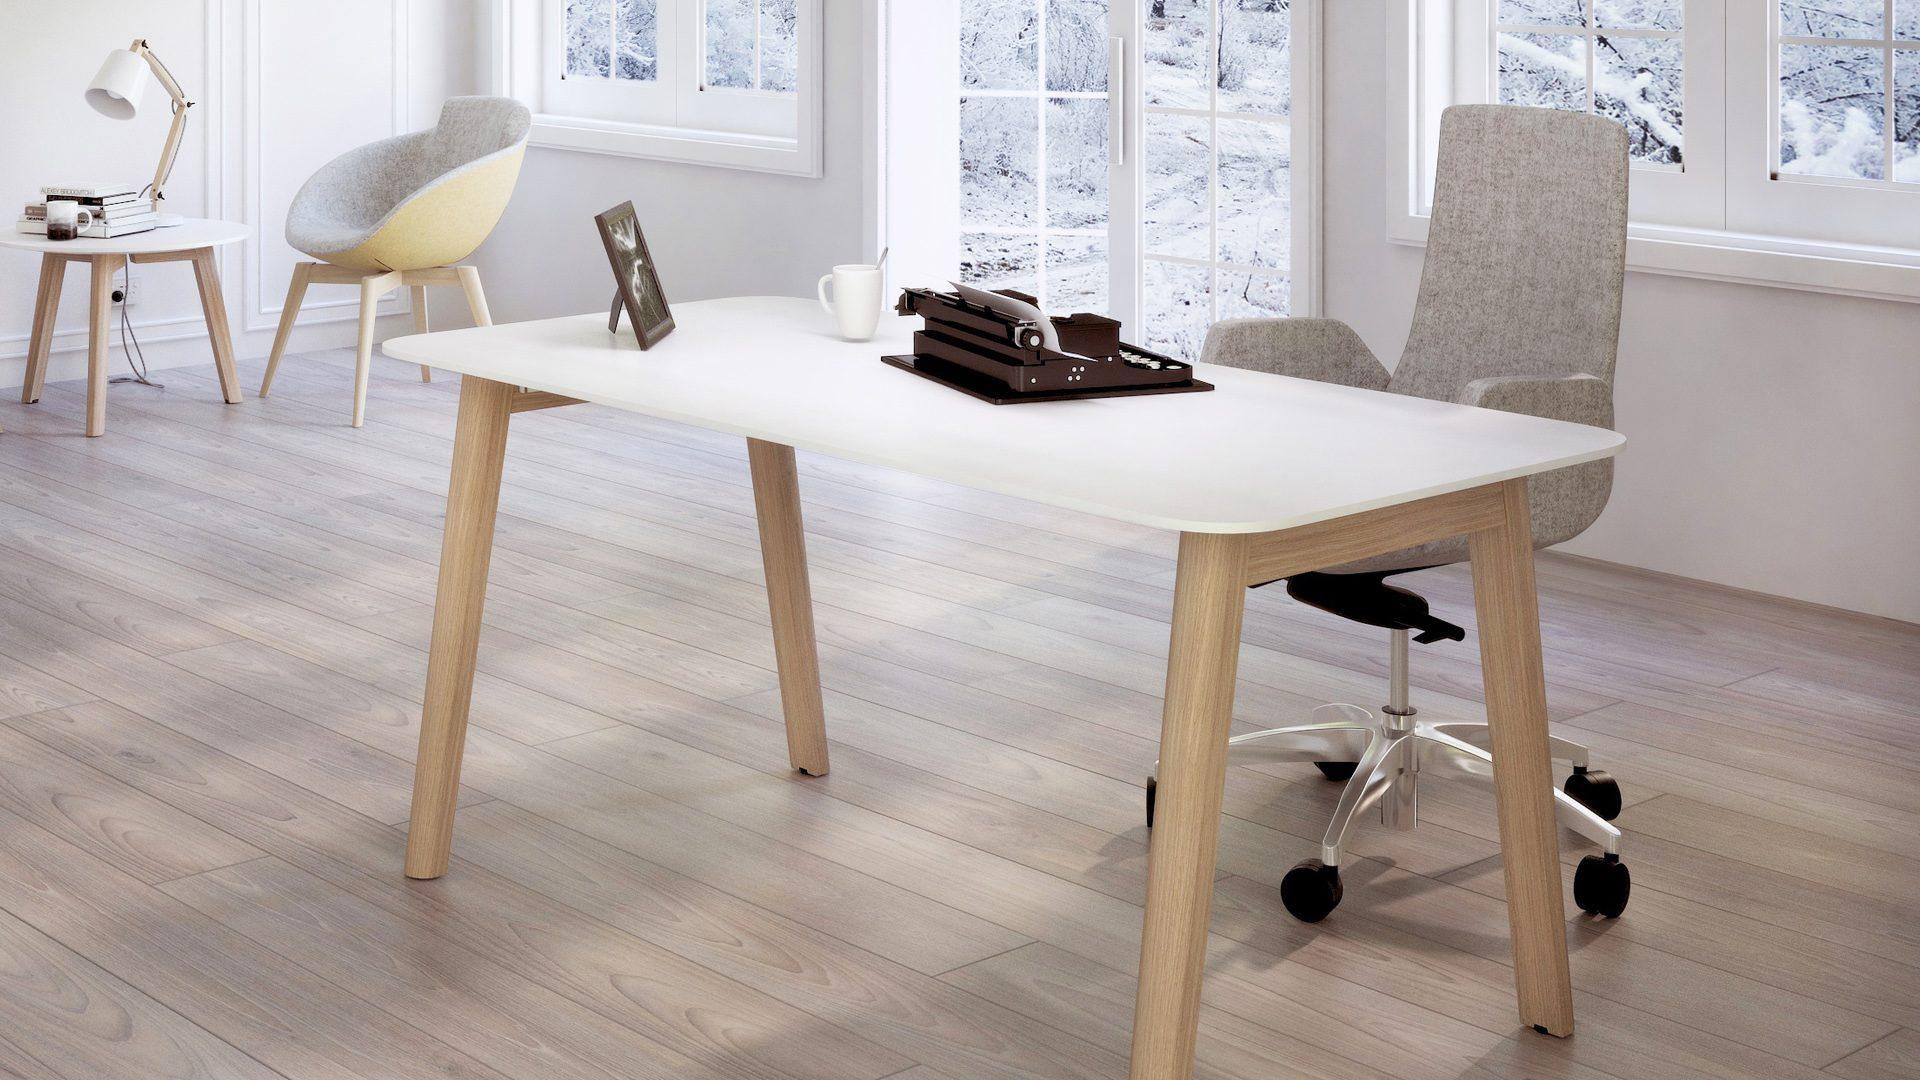 NOVA Wood darba galds un kafijas galdiņš